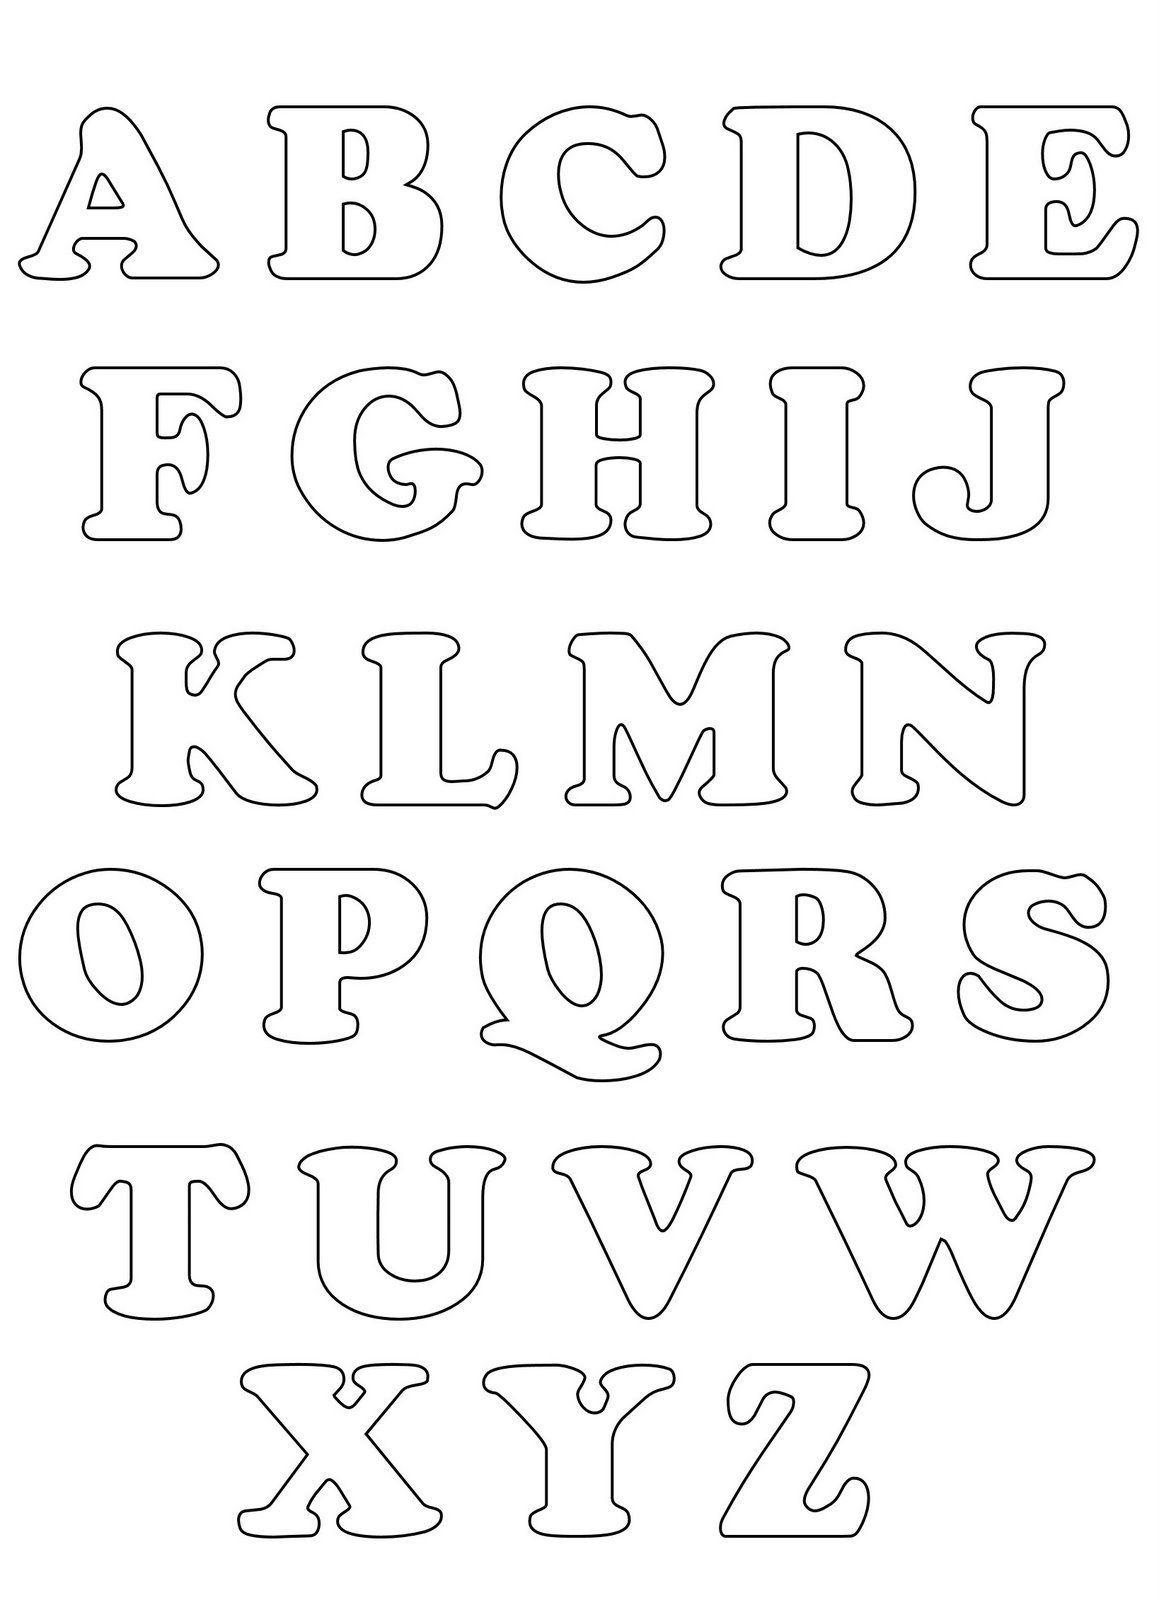 moldes de letras para imprimir - Nocturnar | Arte | Pinterest